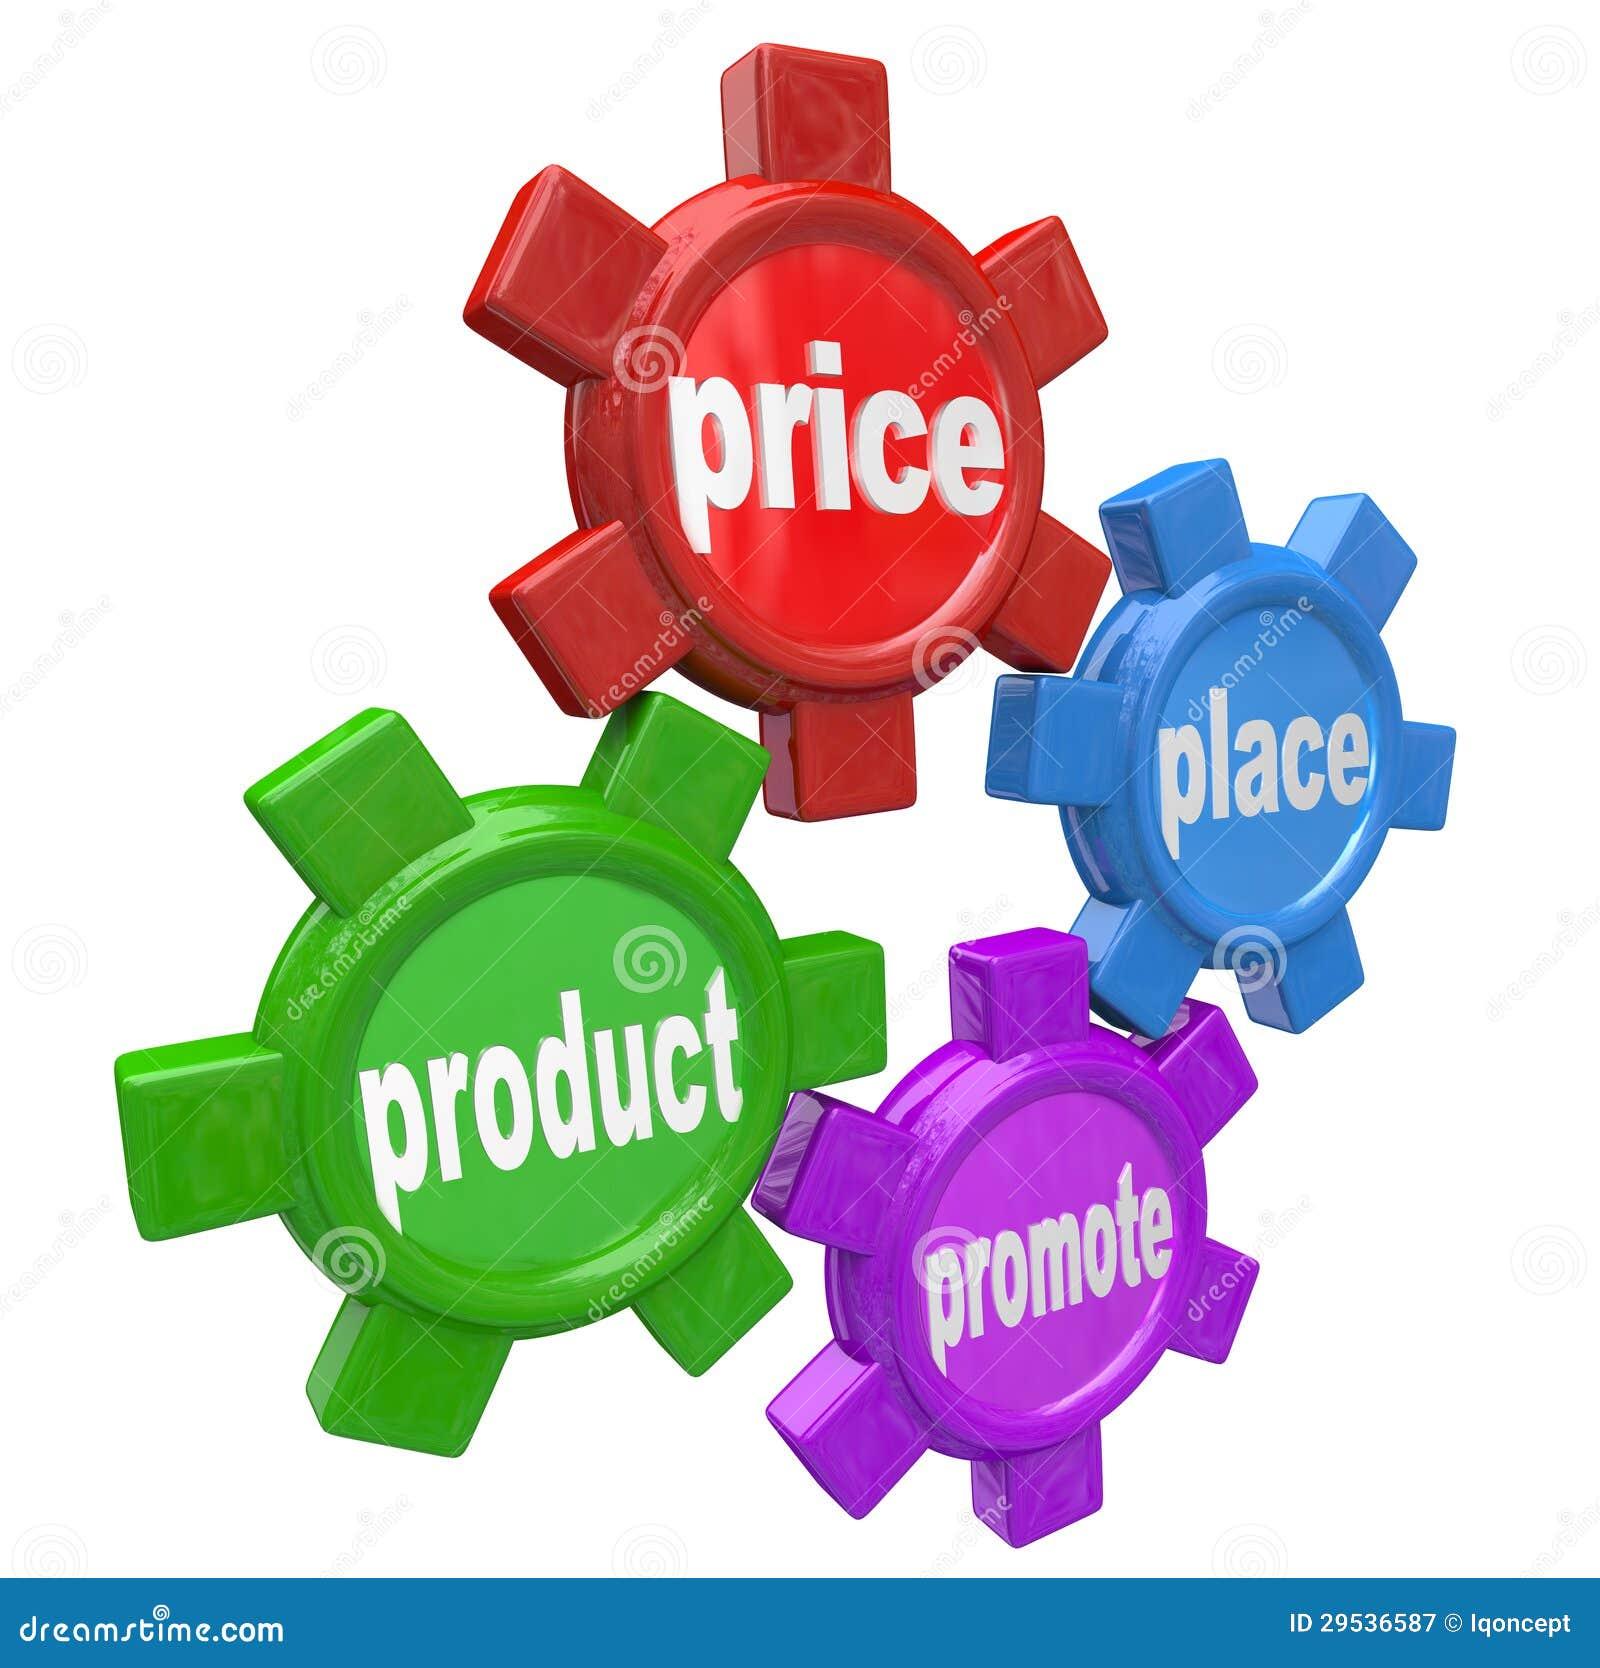 Quatro picosegundos os princípios de mercado misturam o negócio bem sucedido